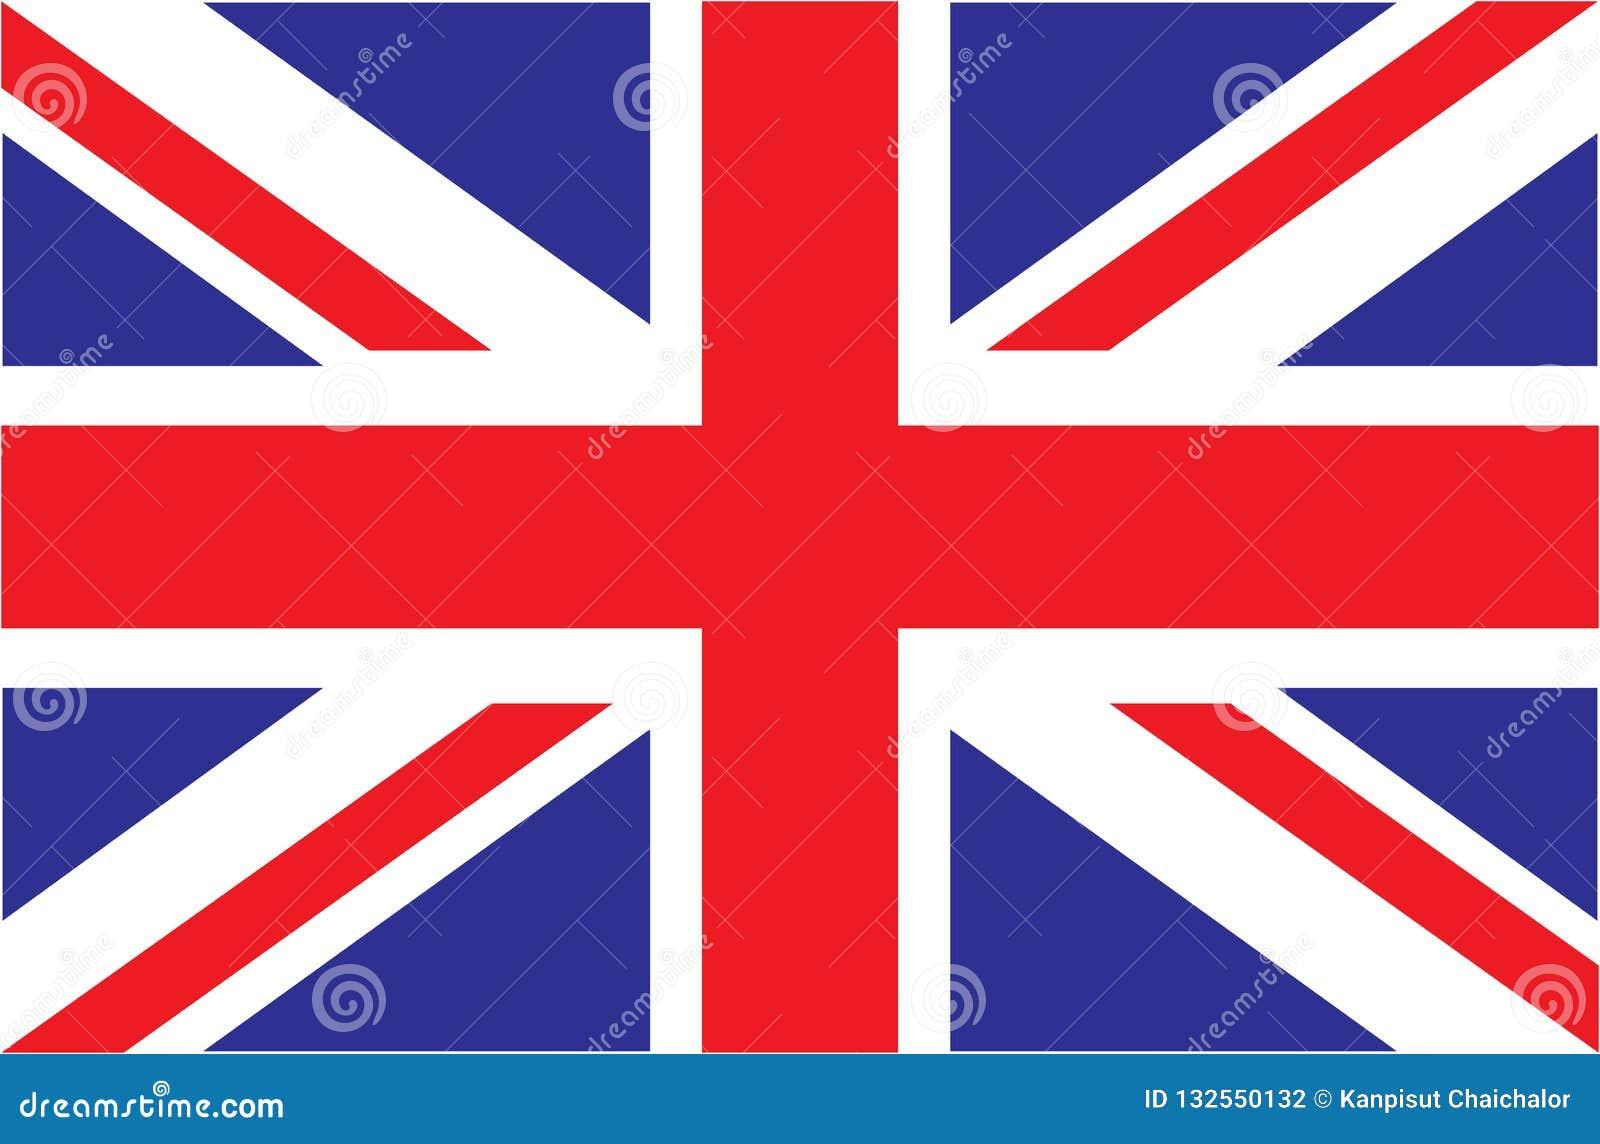 Reino Unido Union Jack Indicador de Reino Unido Colores oficiales Proporción correcta